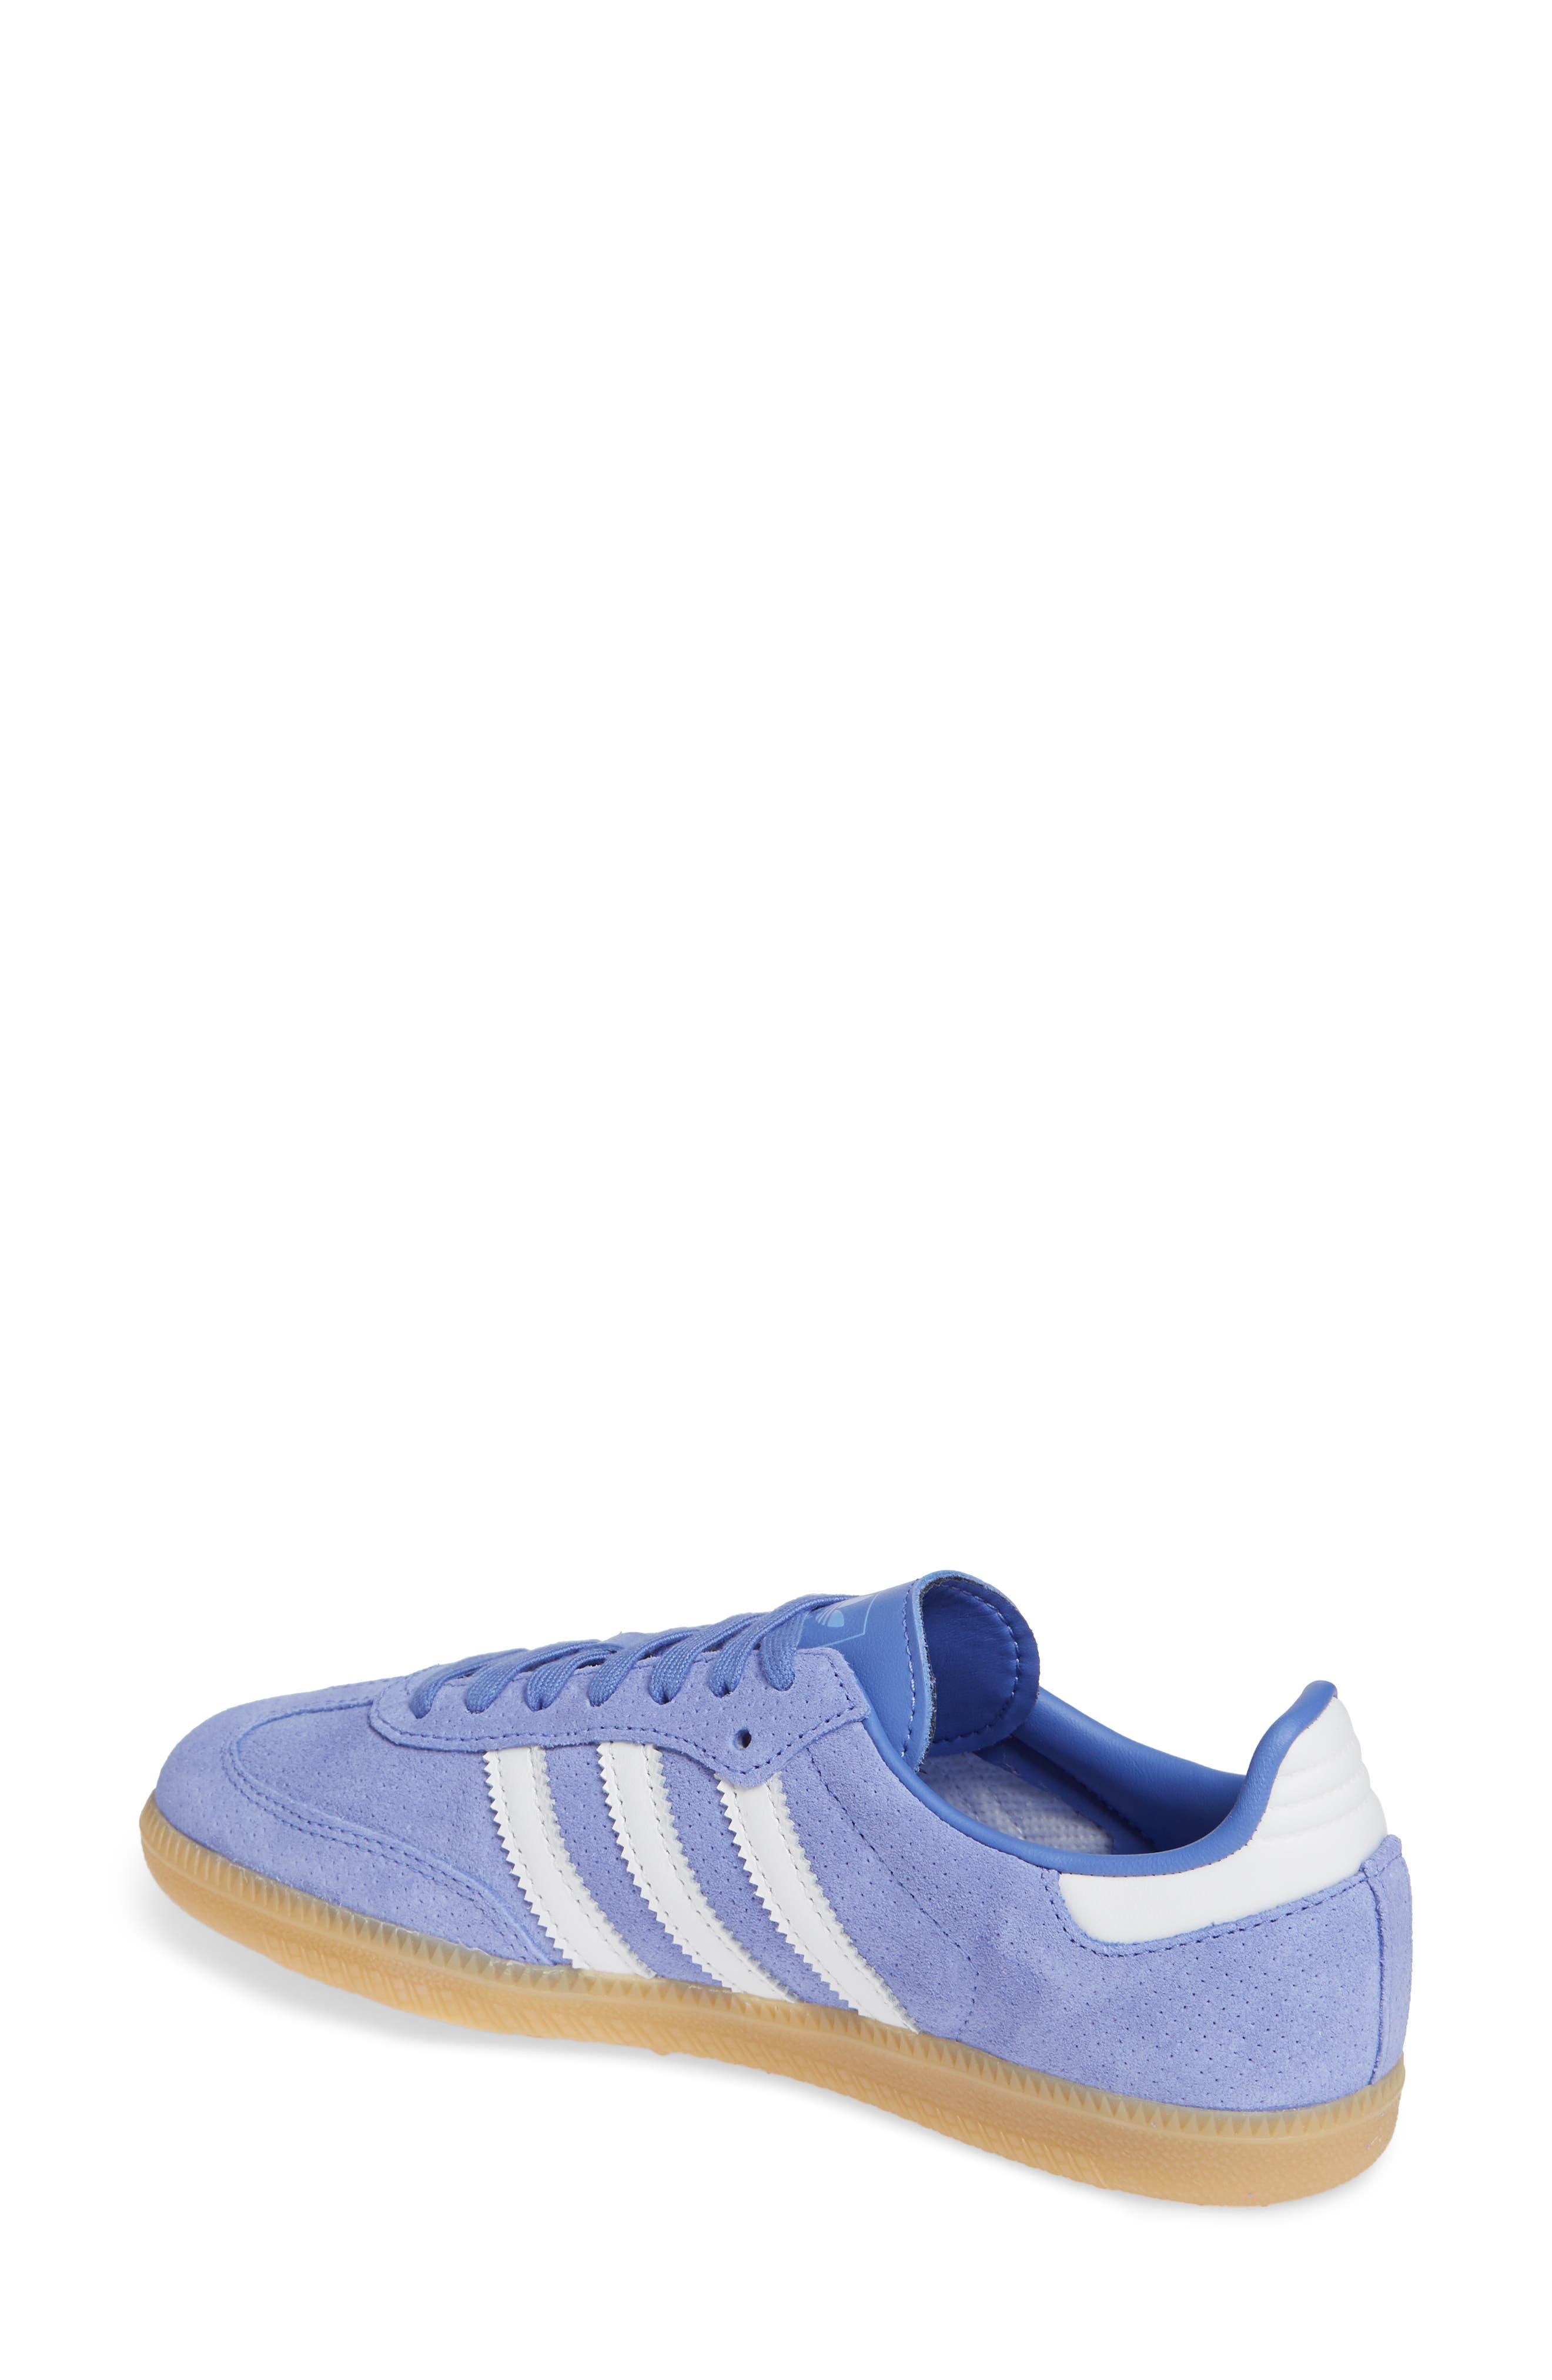 Samba OG Low Top Sneaker,                             Alternate thumbnail 2, color,                             536